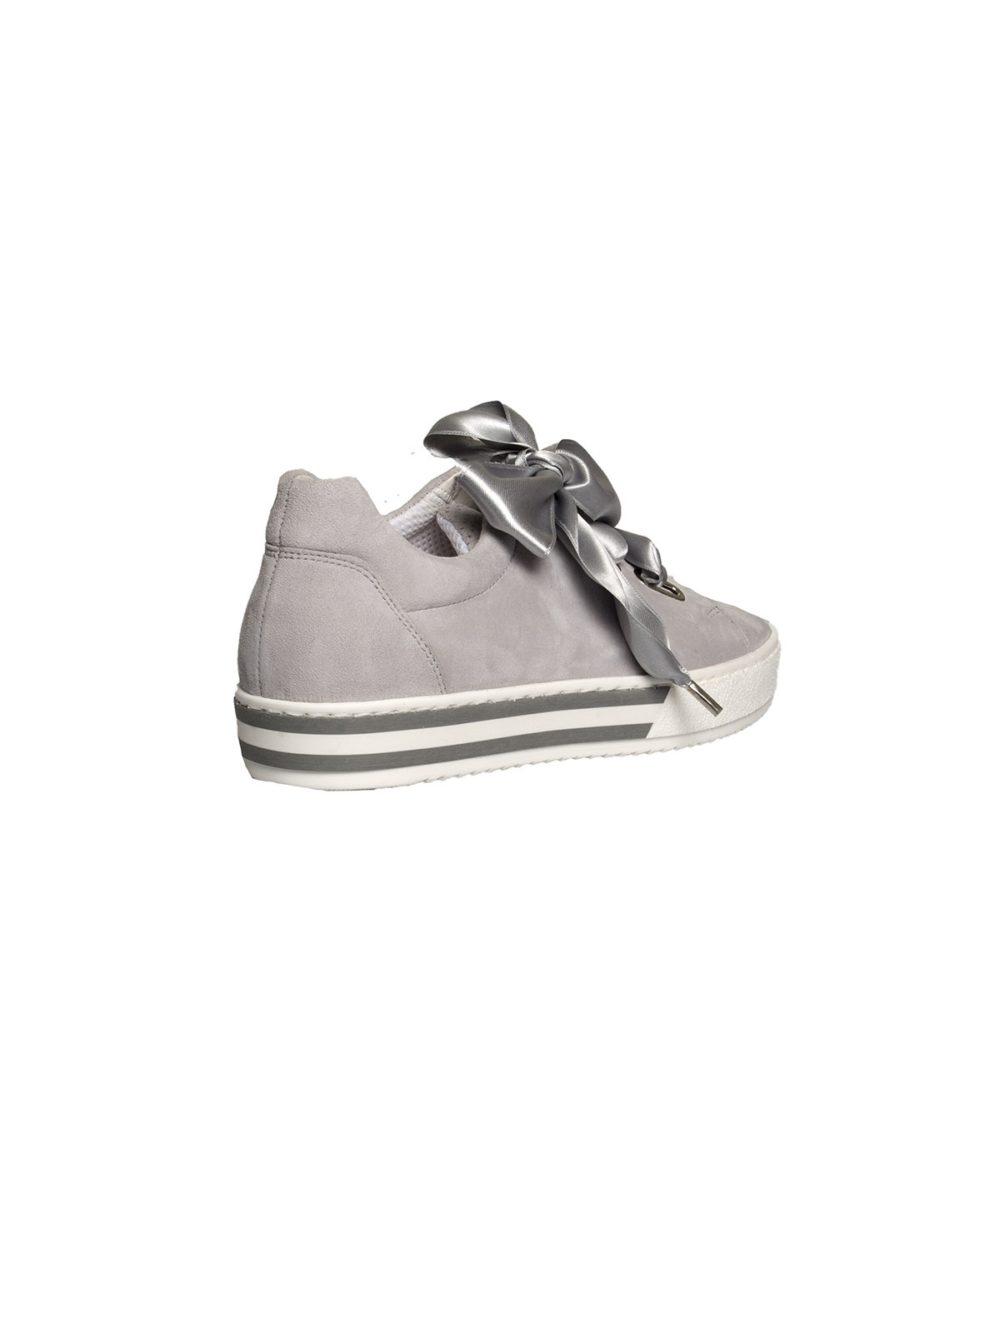 Buddy Shoe Gabor Shoes Katie Kerr Women's Clothing